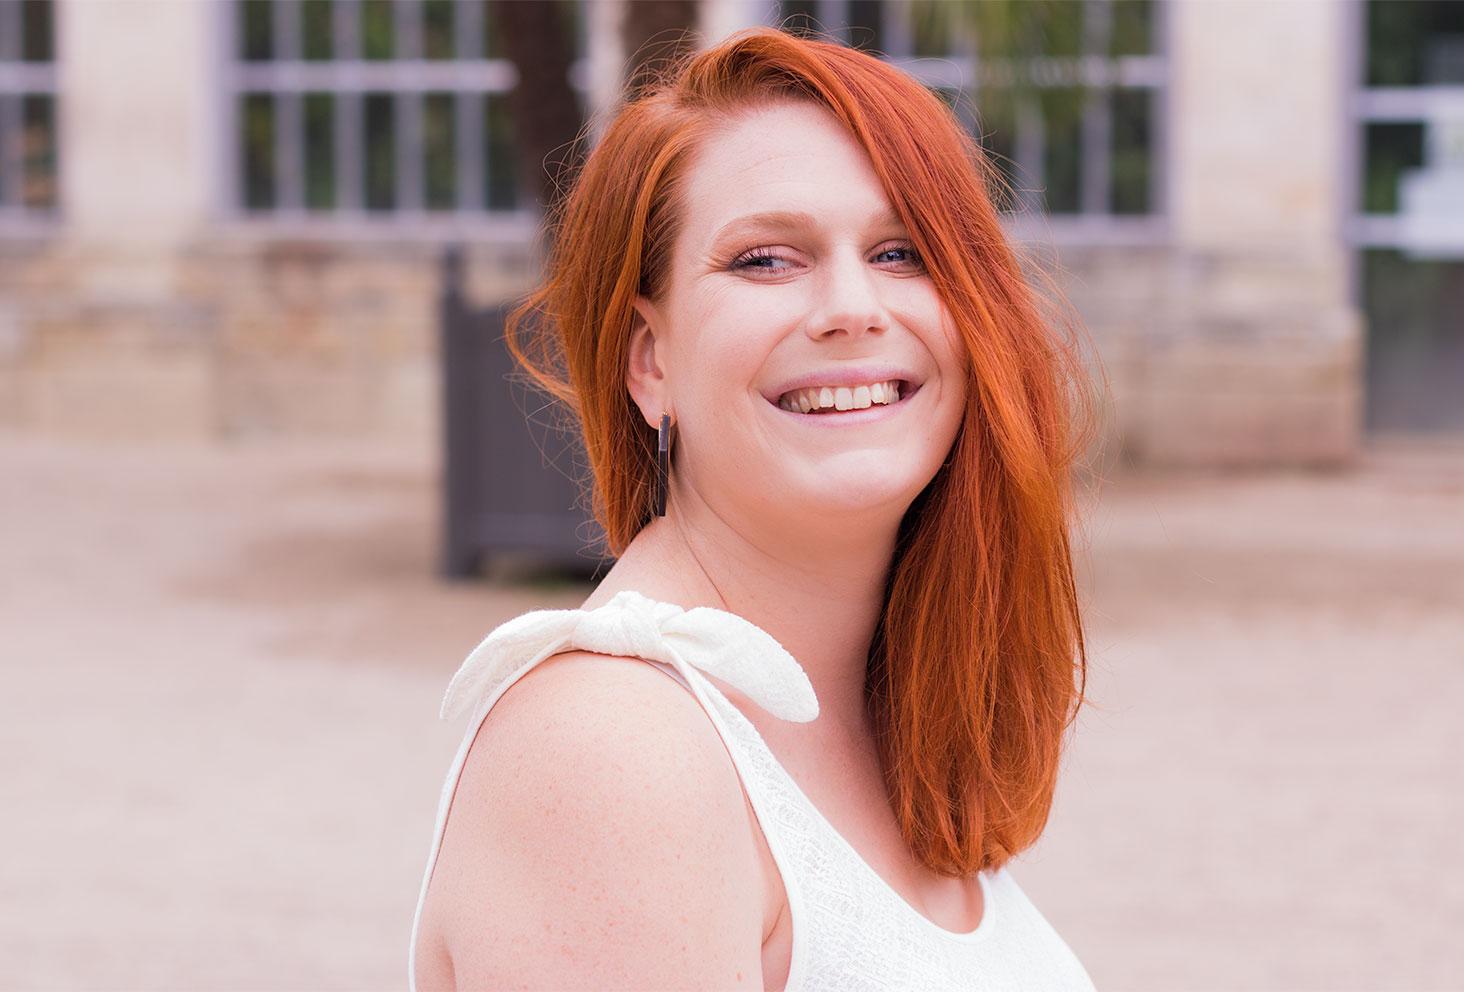 Portrait de profil, cheveux longs roux détachés et sourire aux lèvres, avec zoom sur le noeud des manches du débardeur blanc Kiabi